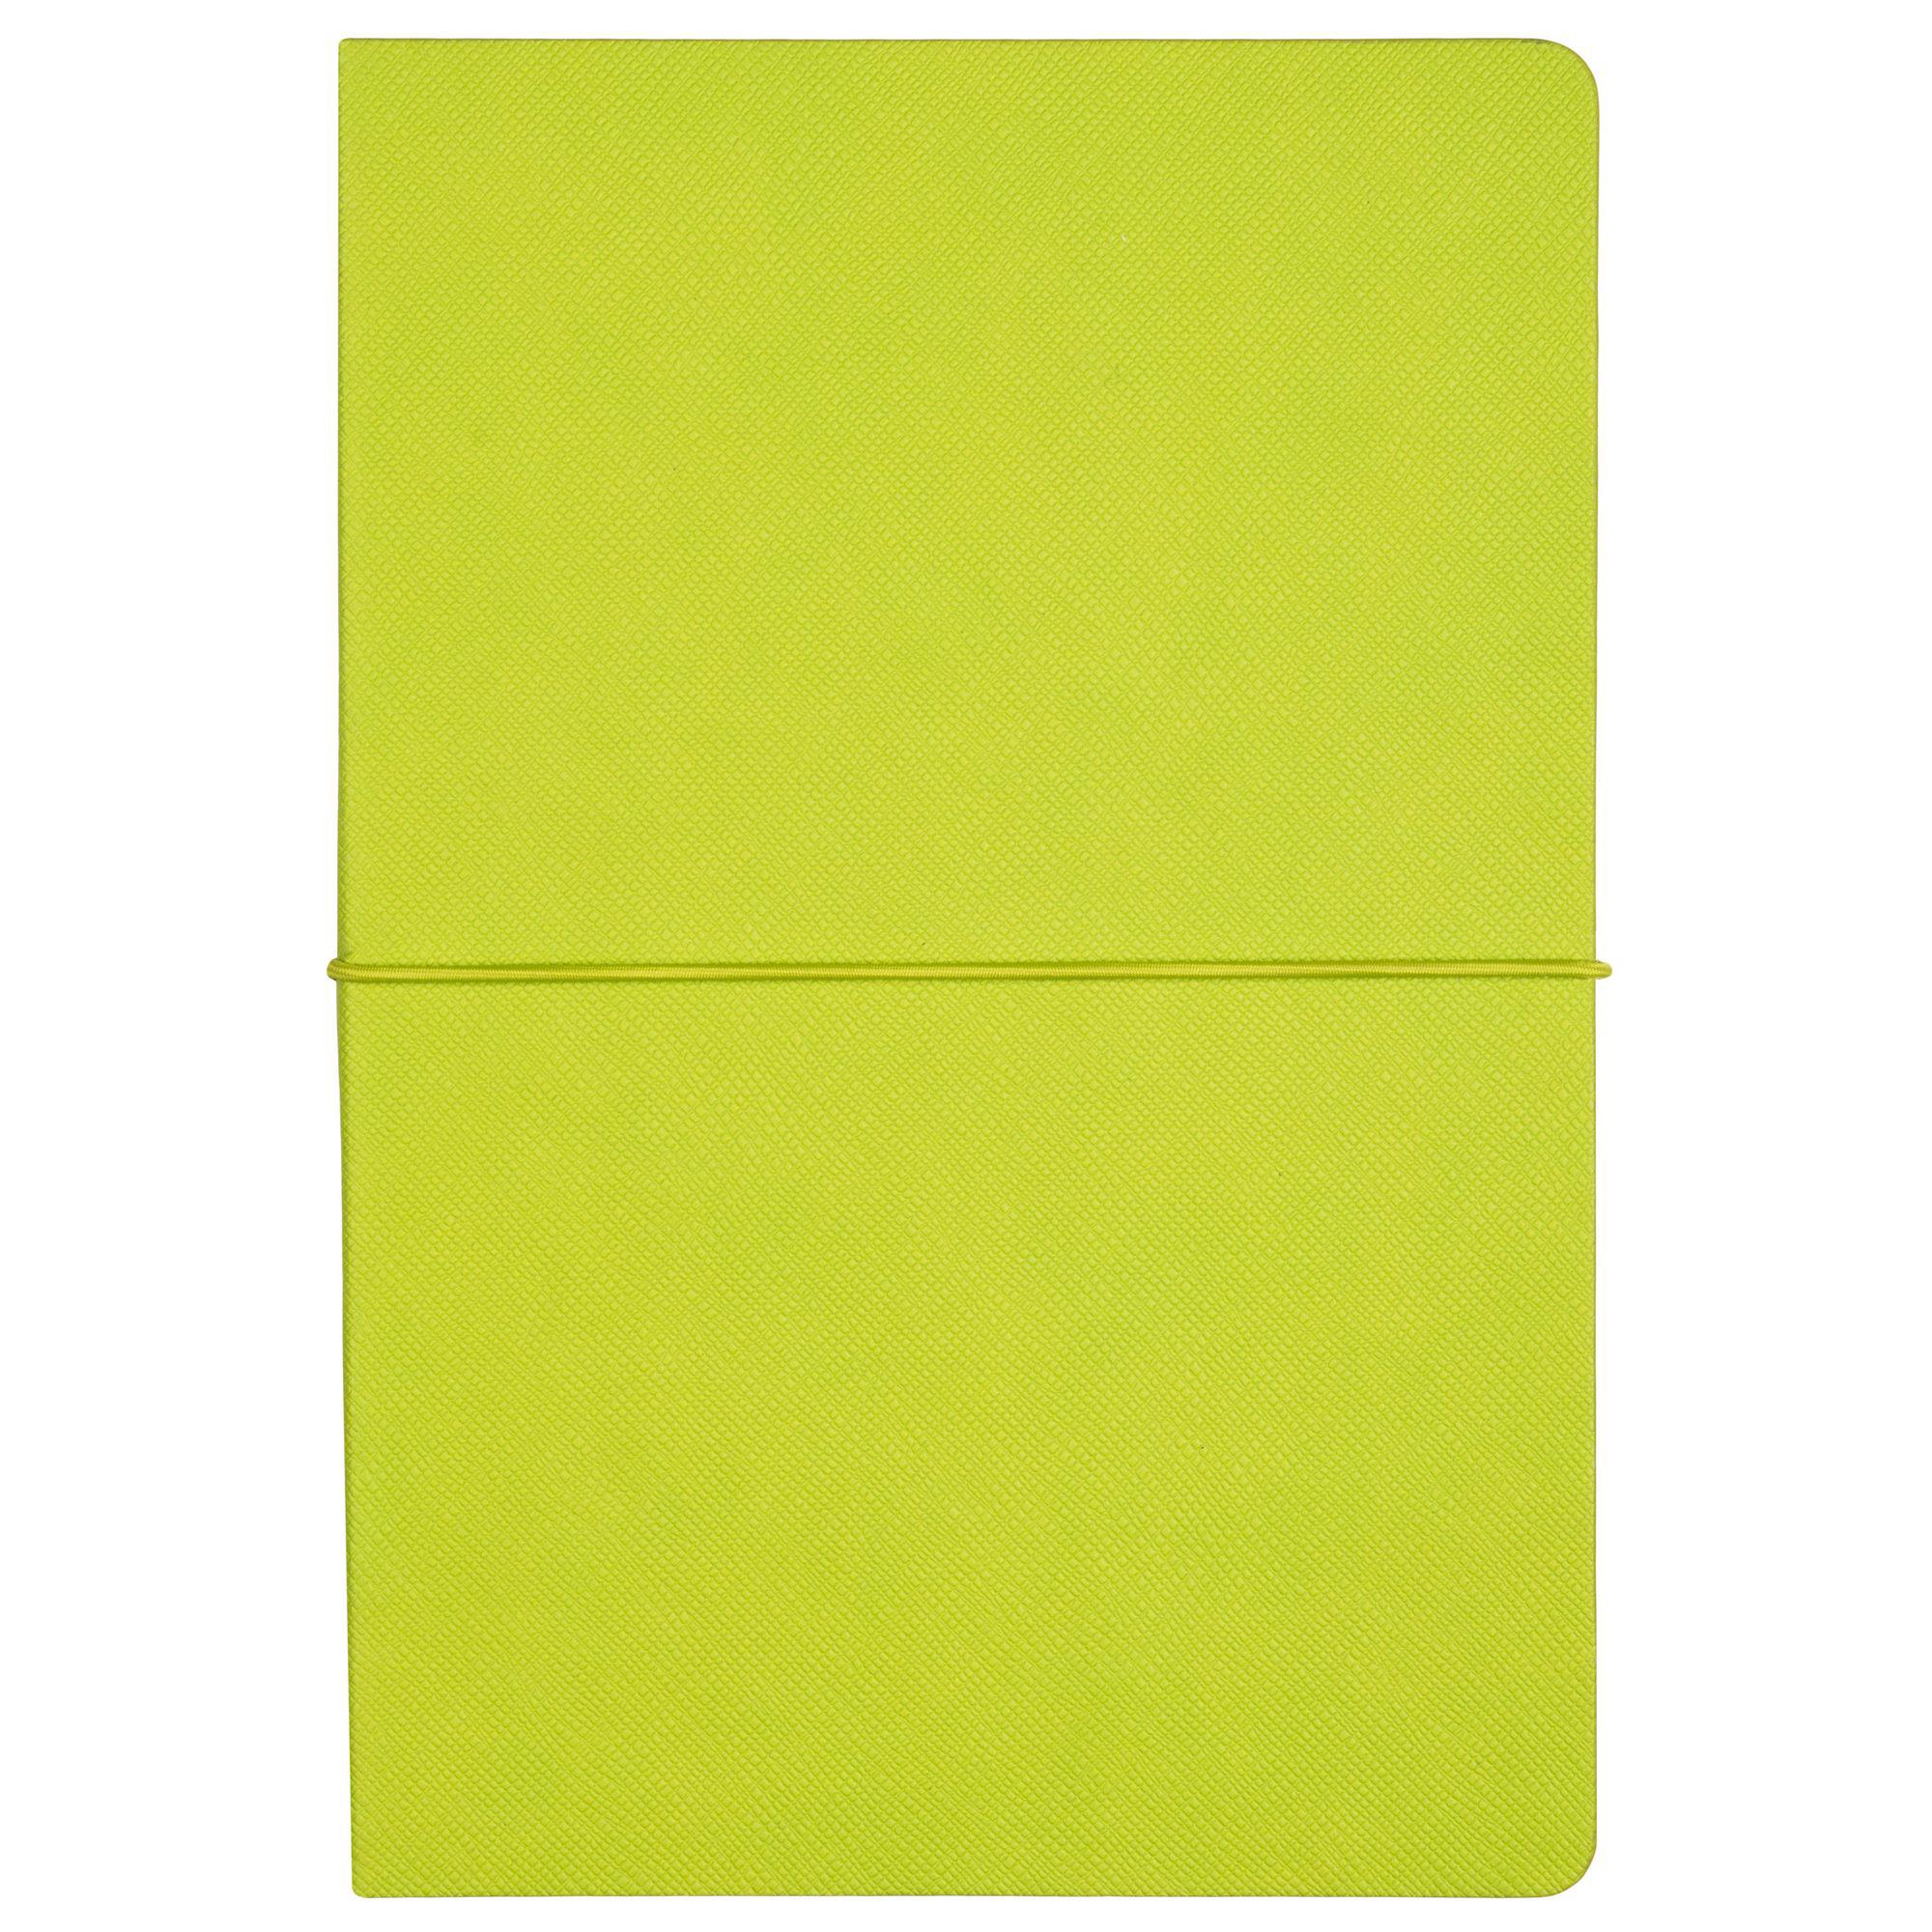 Ежедневник недатированный, Portobello Trend, Summer time , жесткая обложка, 145х210, 256стр, ярко-зеленый